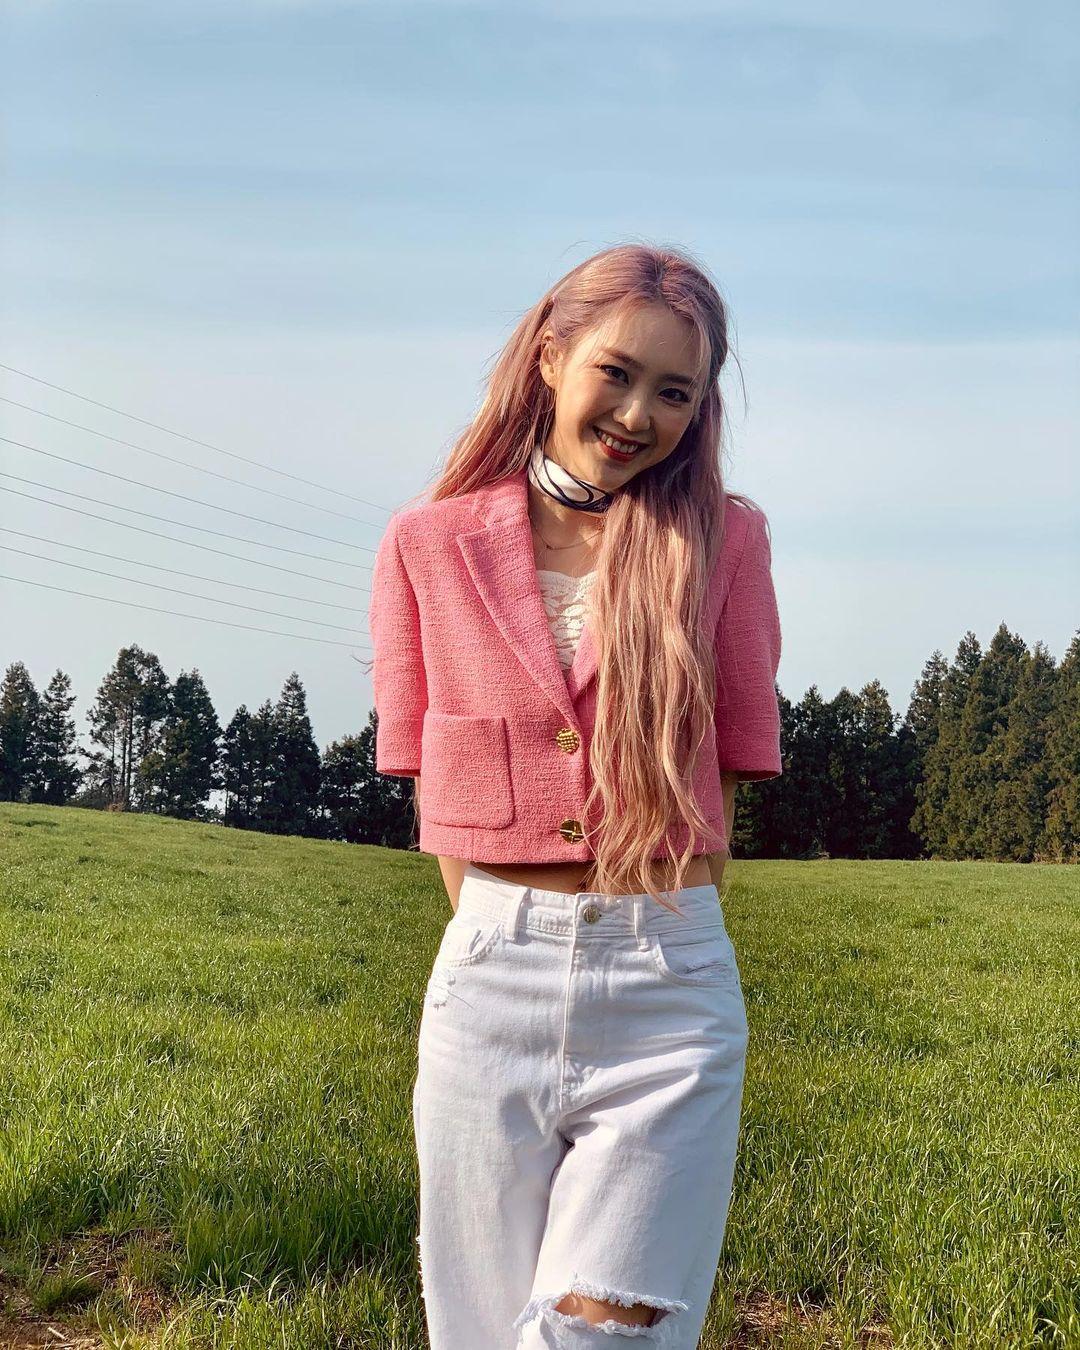 Sao Hàn diện đồ Zara từ street style lên sàn diễn: Xinh nhất là áo phông chỉ hơn 200k của Krystal - Ảnh 6.